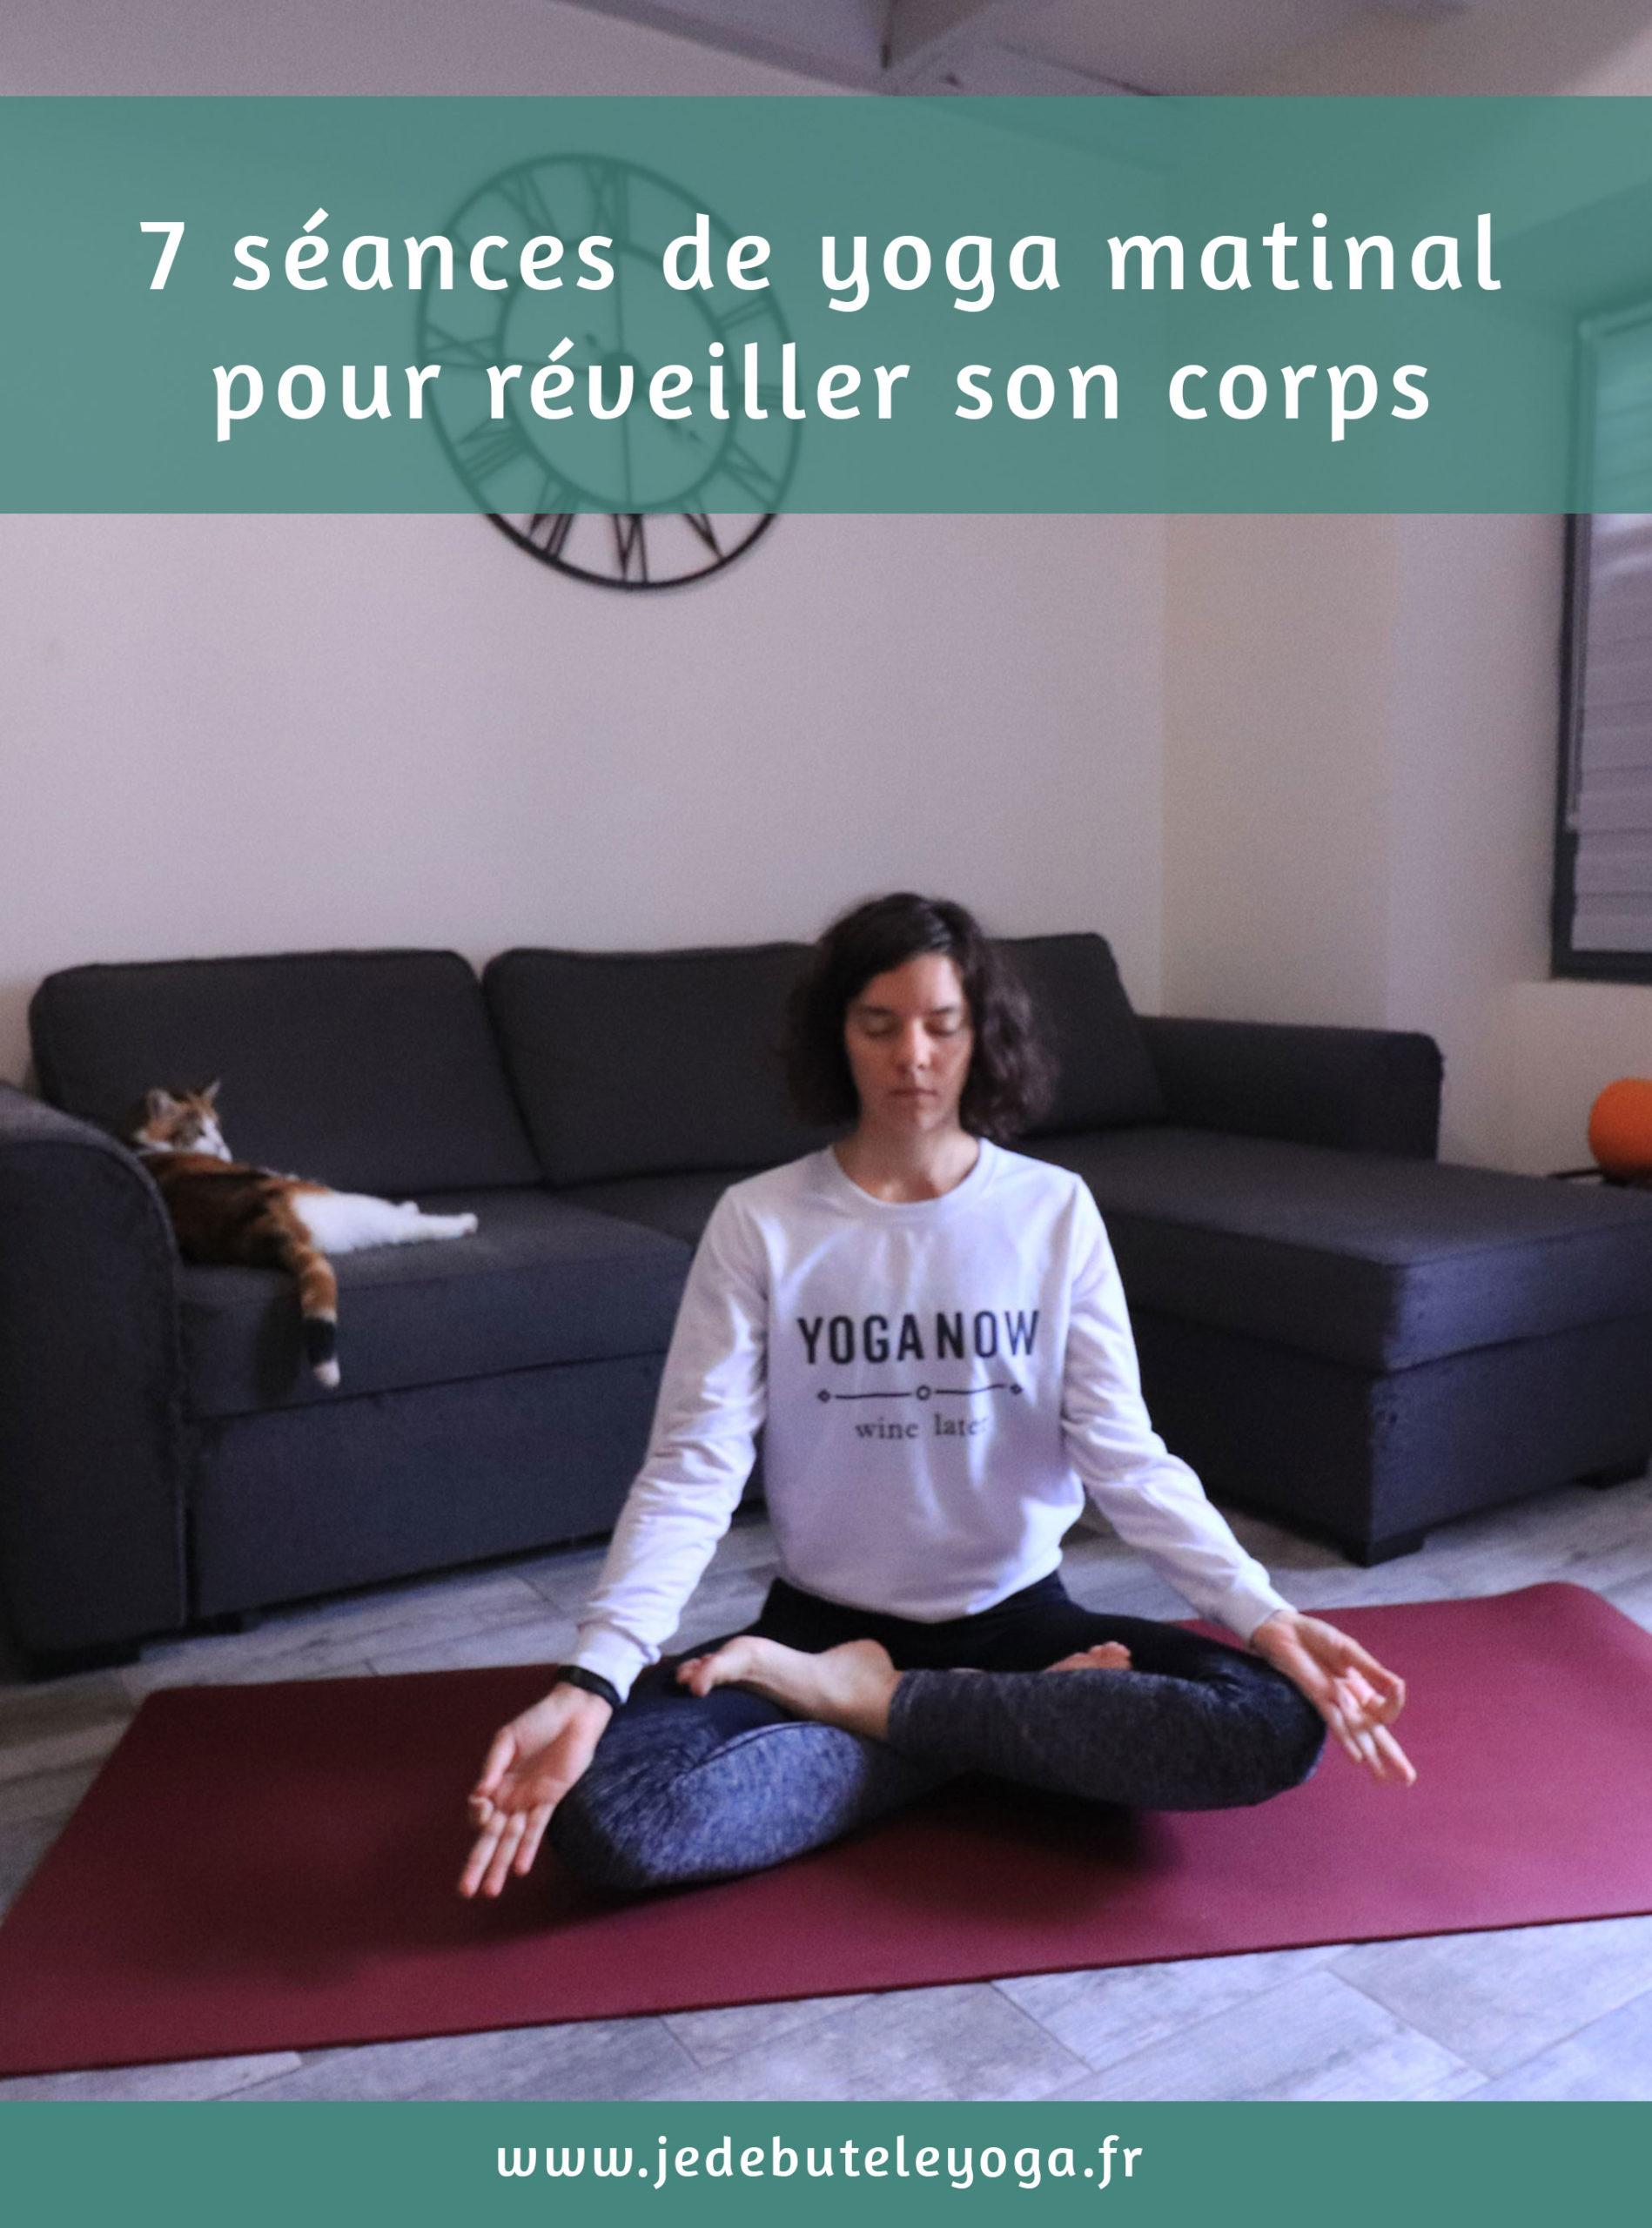 7 séances de yoga du matin pour réveiller son corps